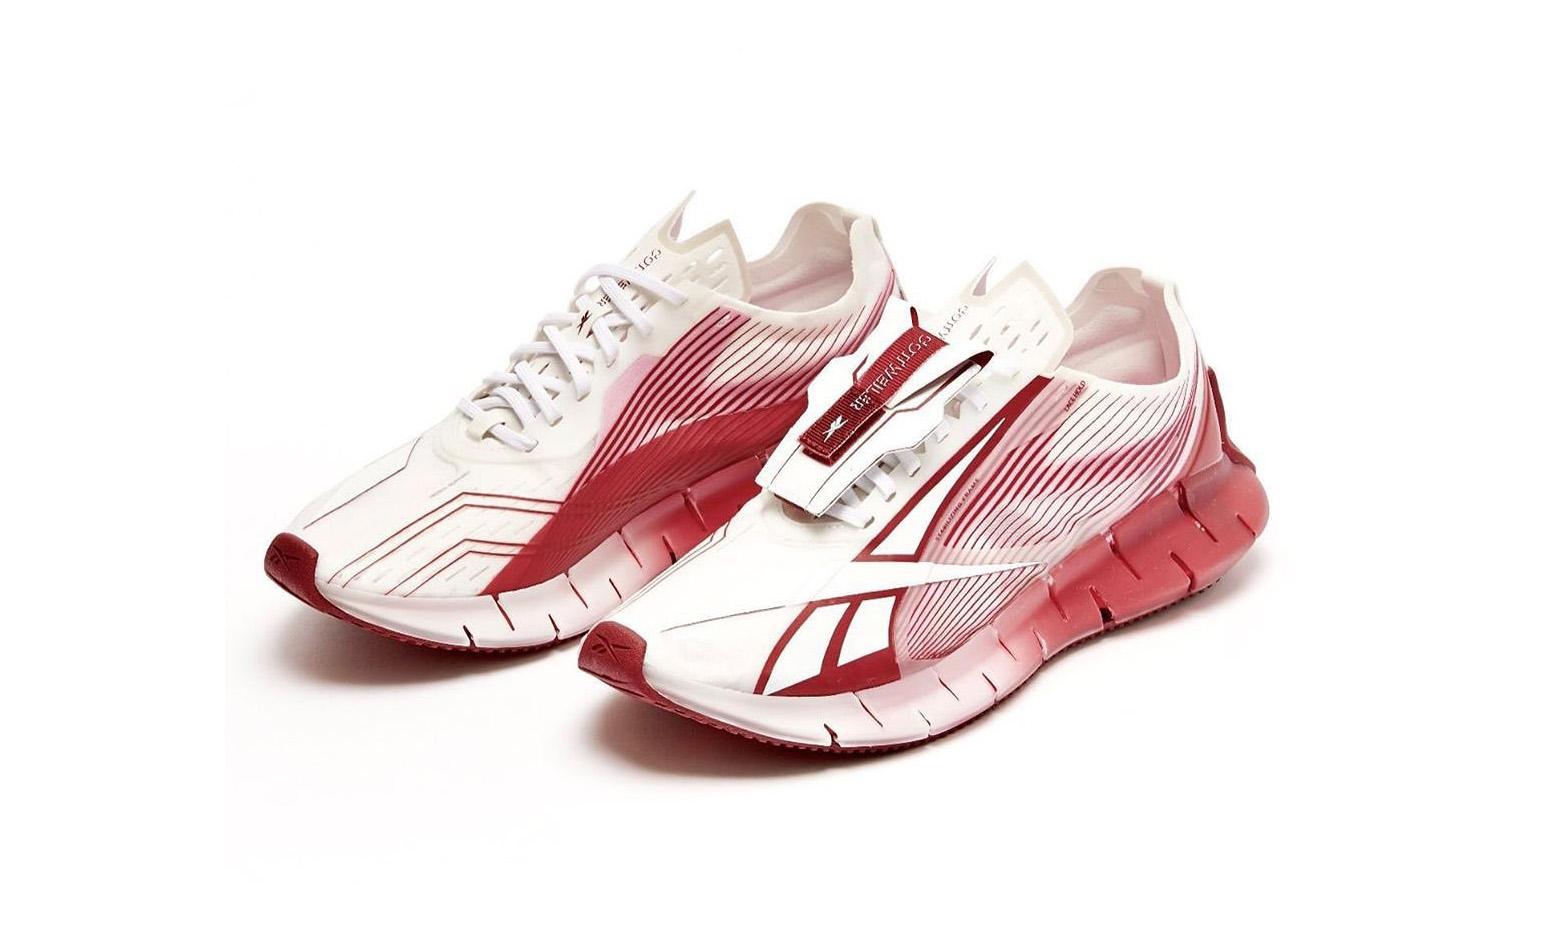 Cottweiler x Reebok 打造 Zig 3D Storm 联名鞋款